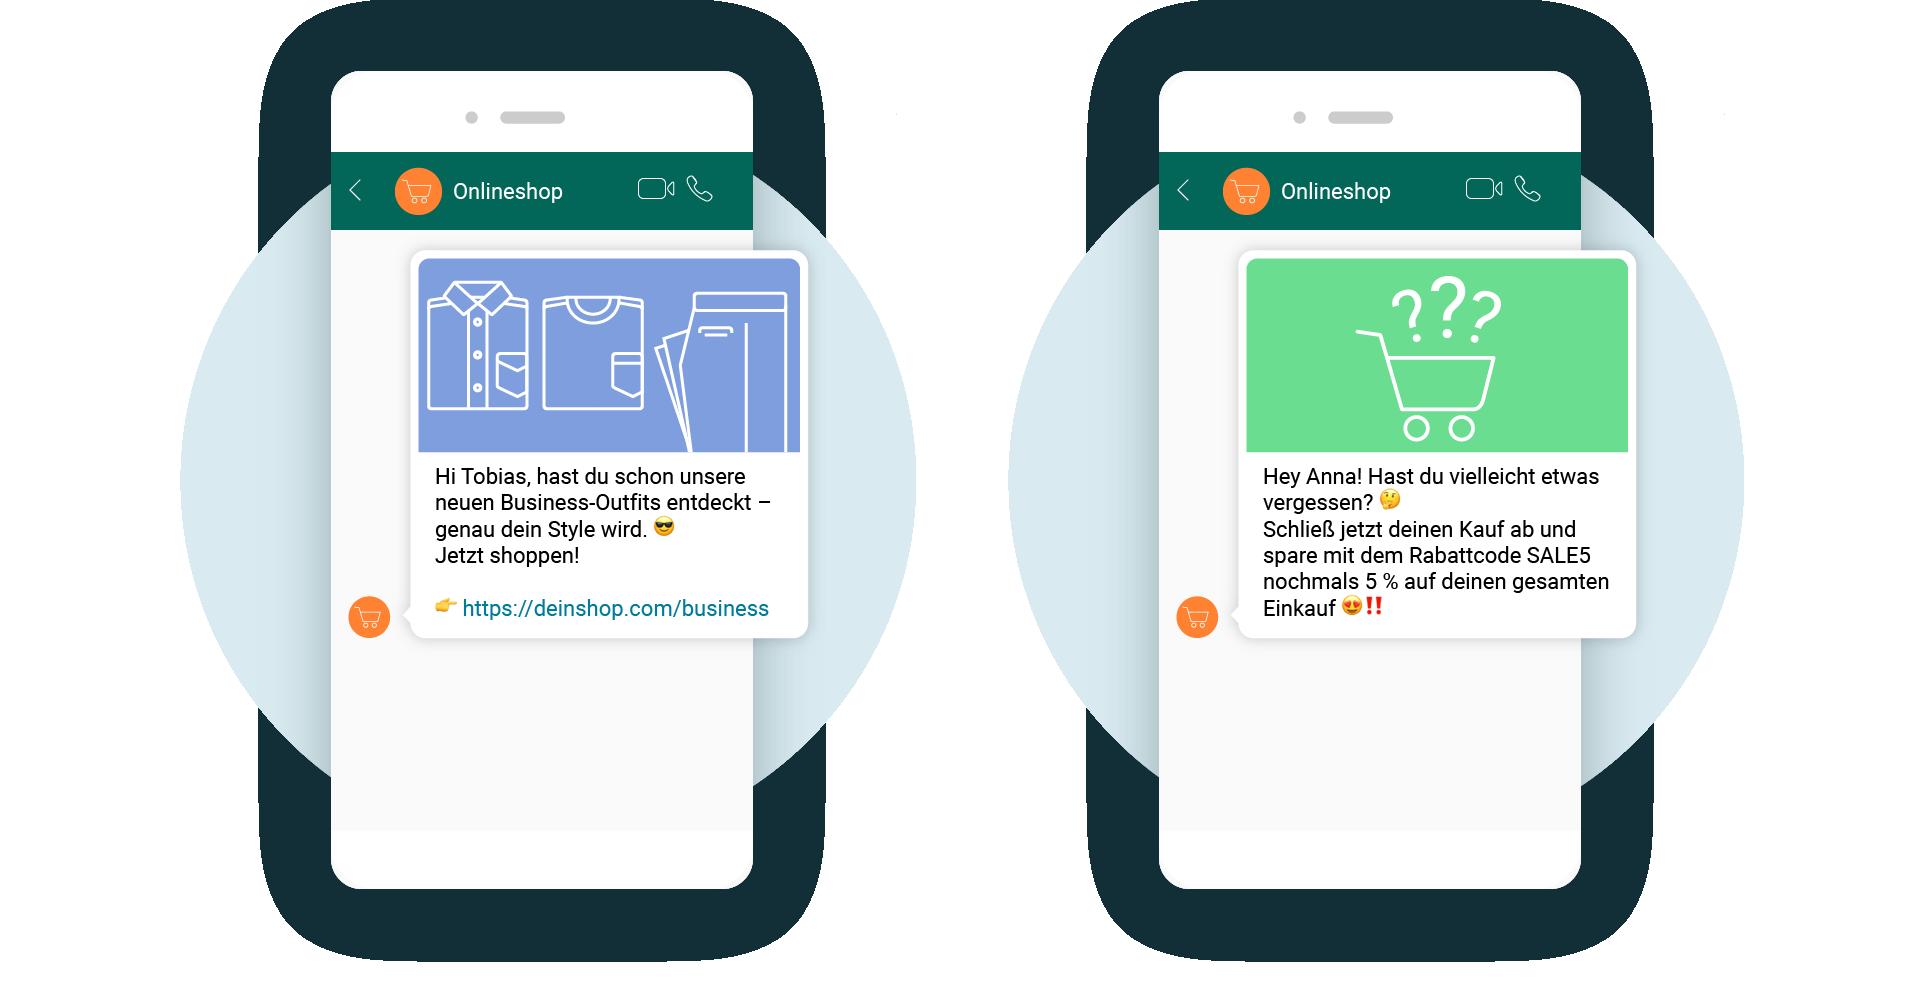 LINK Mobility - Einsatzbereiche von Non-Transactional Notifications mit WhatsApp